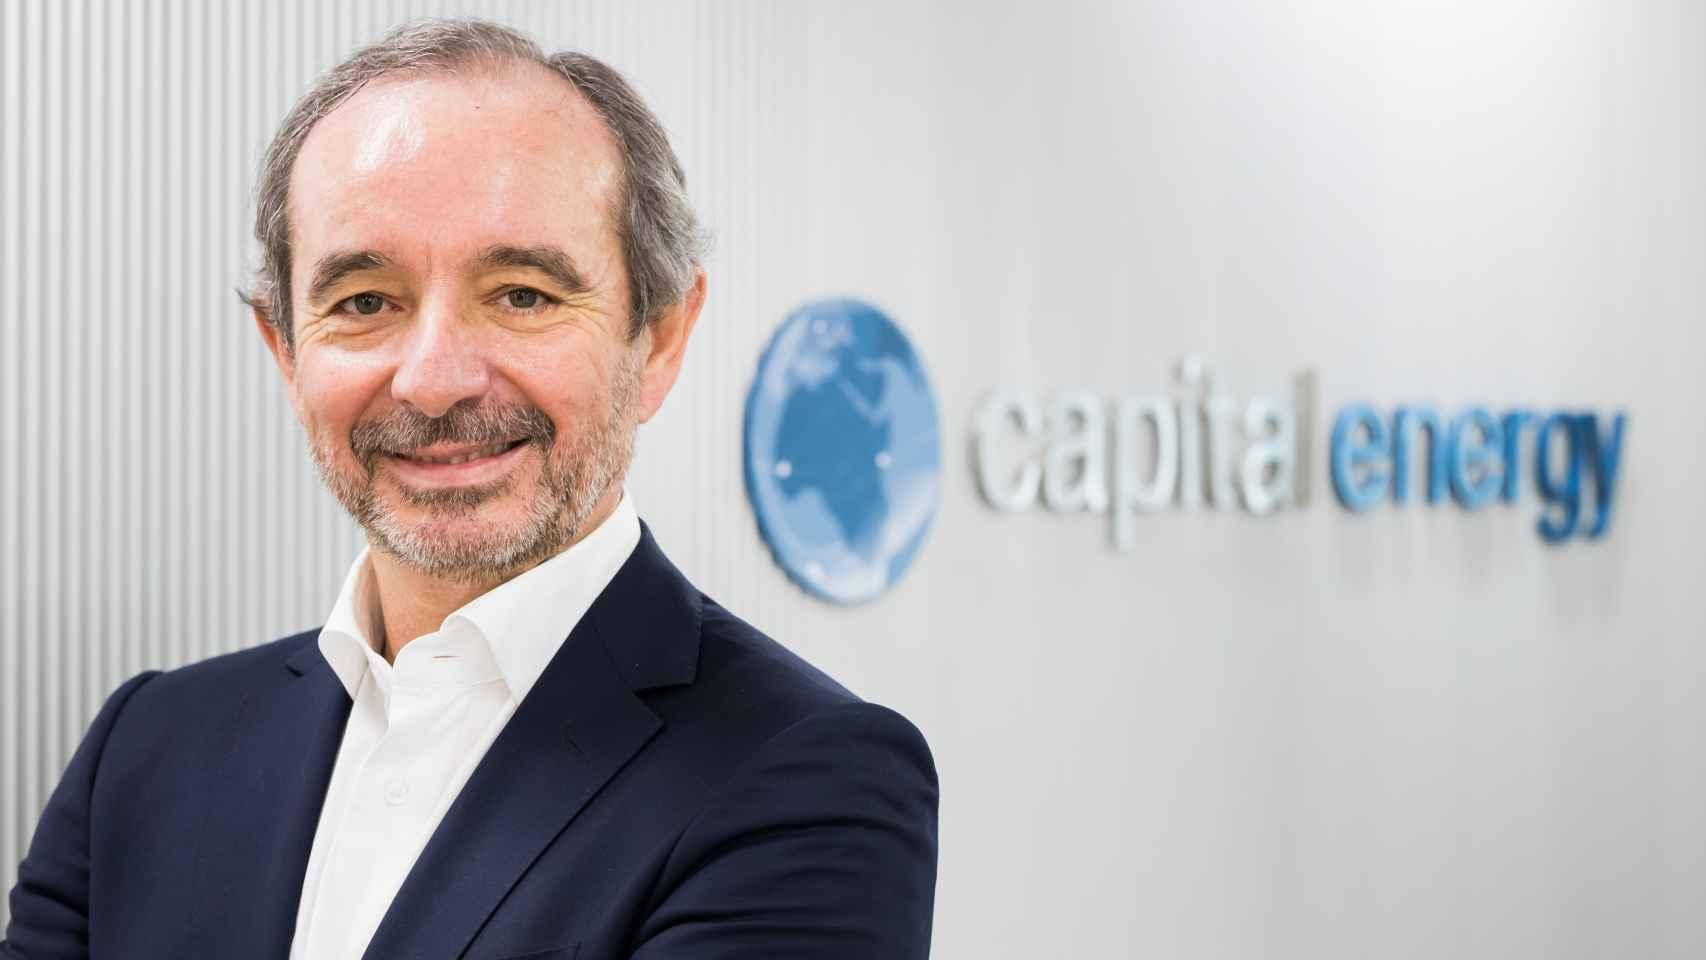 Francisco Clemente, nuevo director general corporativo de Capital Energy.